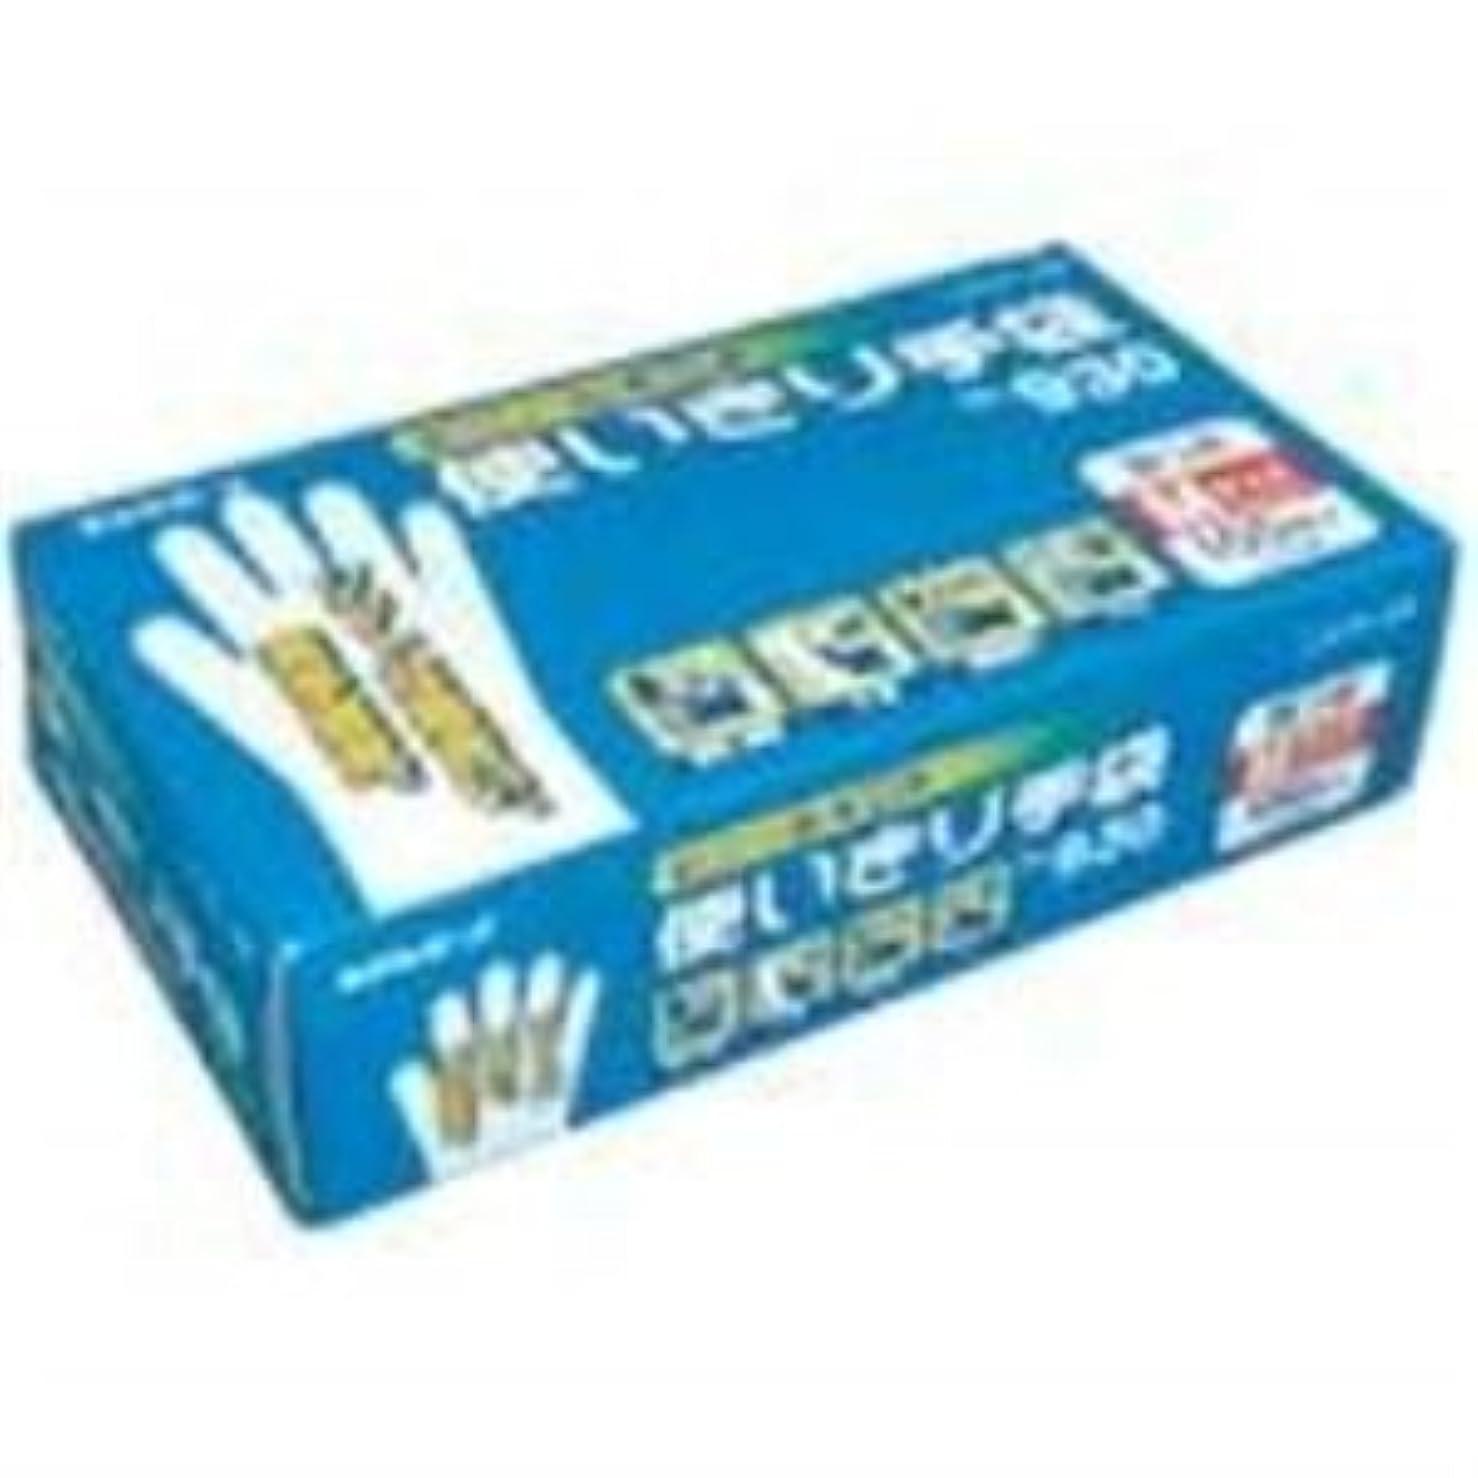 フレキシブル降伏減るエステー ビニール使い捨て手袋/作業用手袋 [No.930/M 12箱]